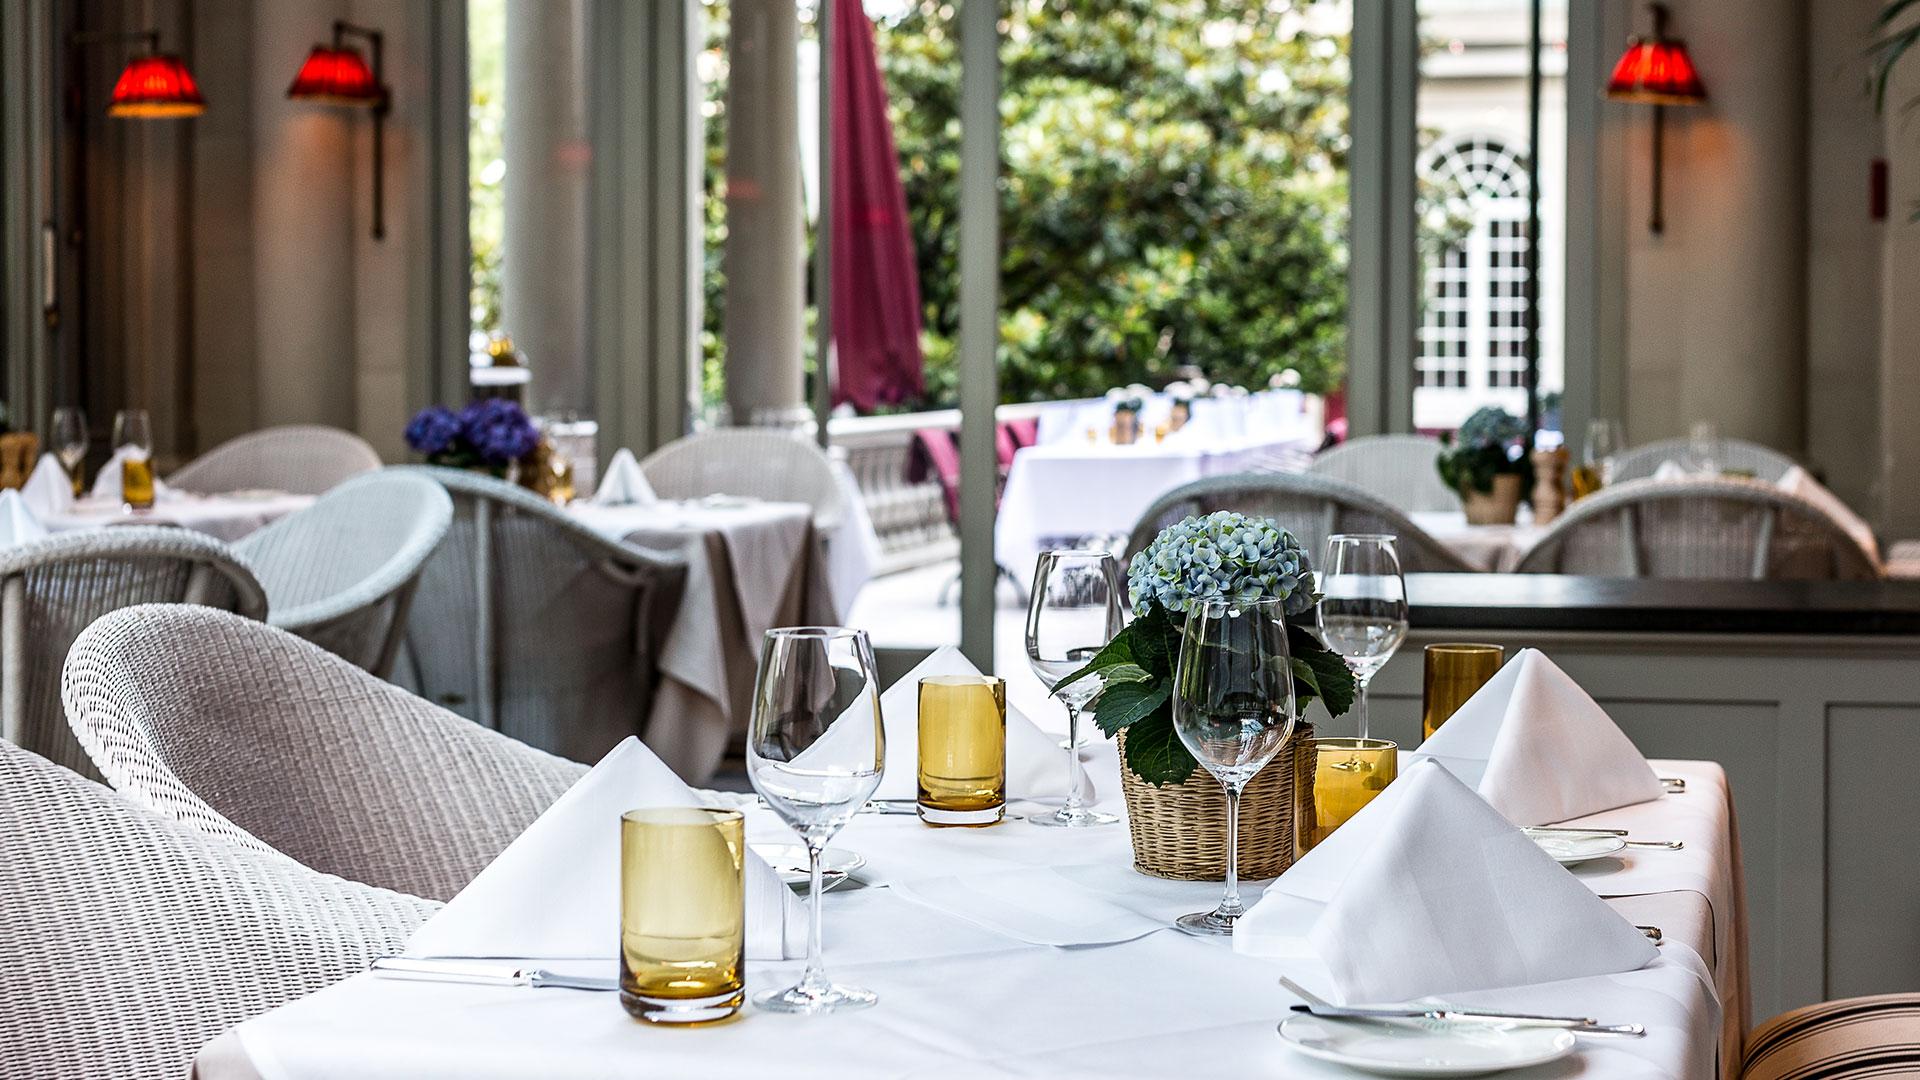 Wintergarten Restaurant Restaurant In Baden Baden